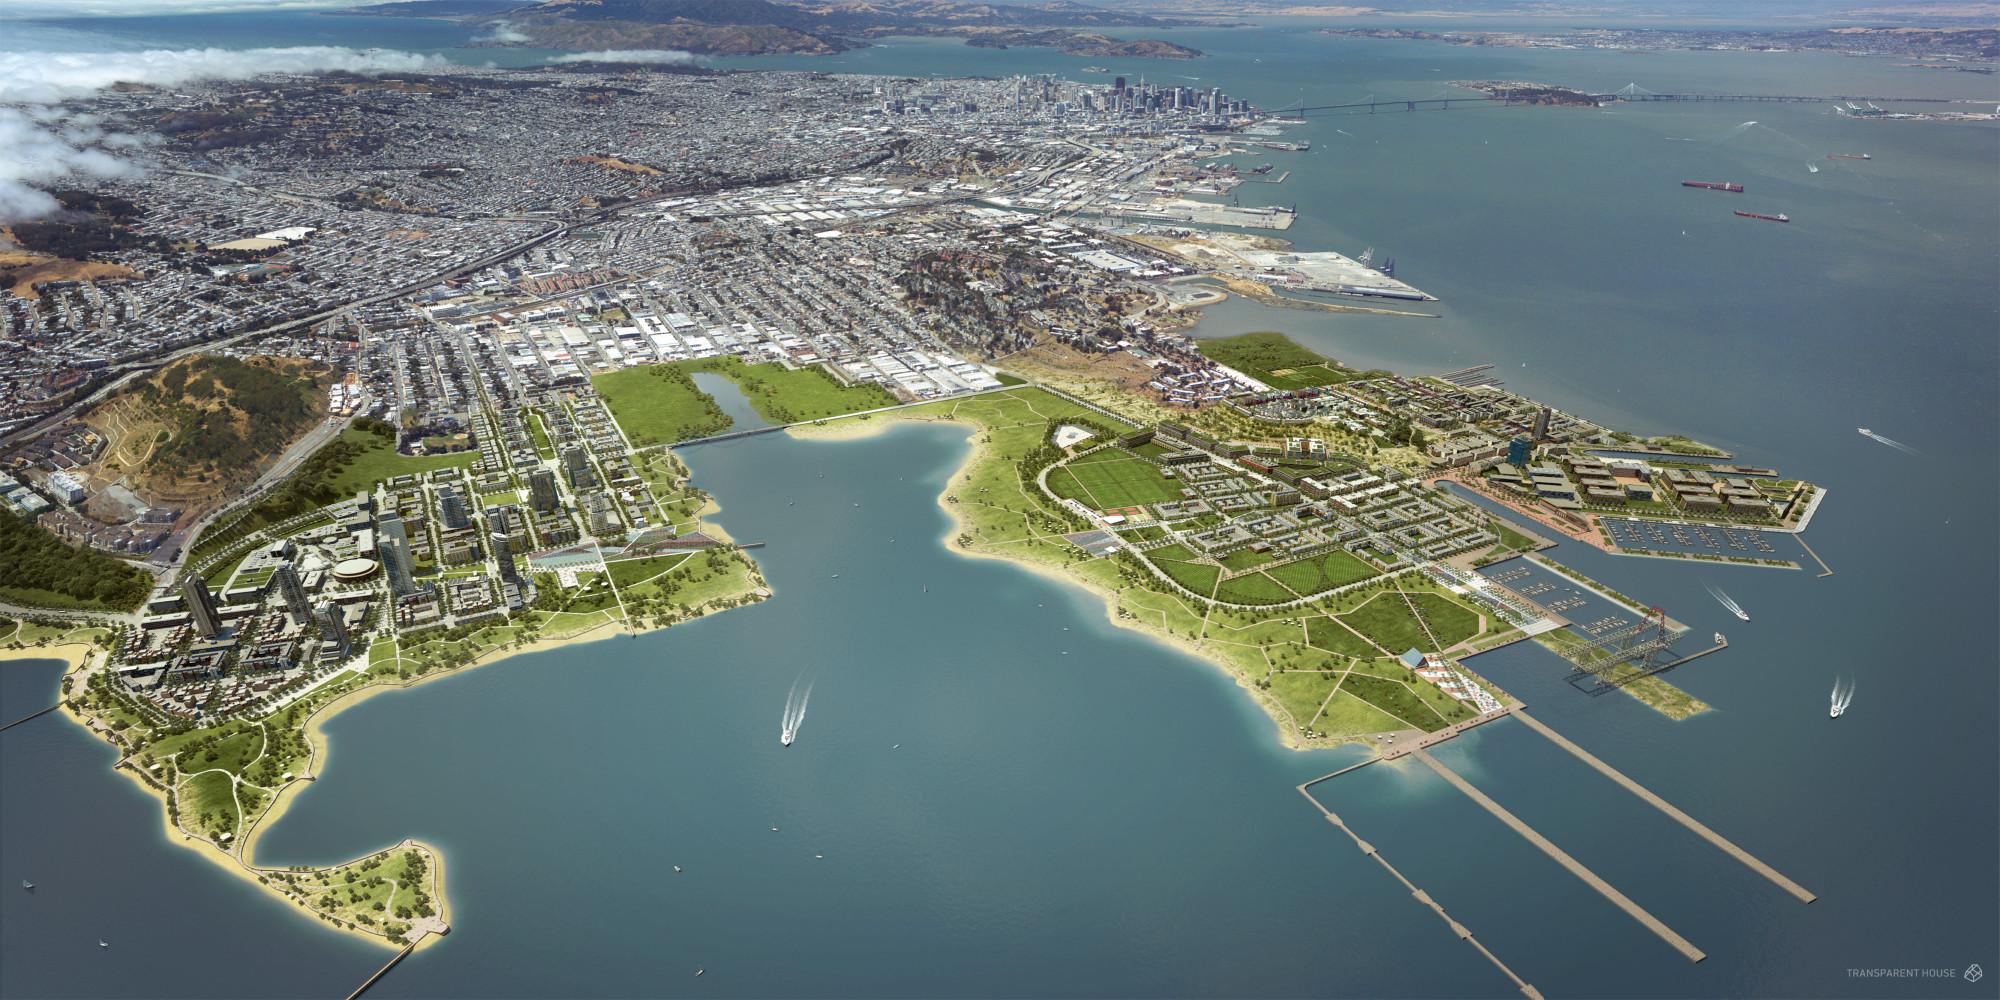 o-SAN-FRANCISCO-SHIPYARDS